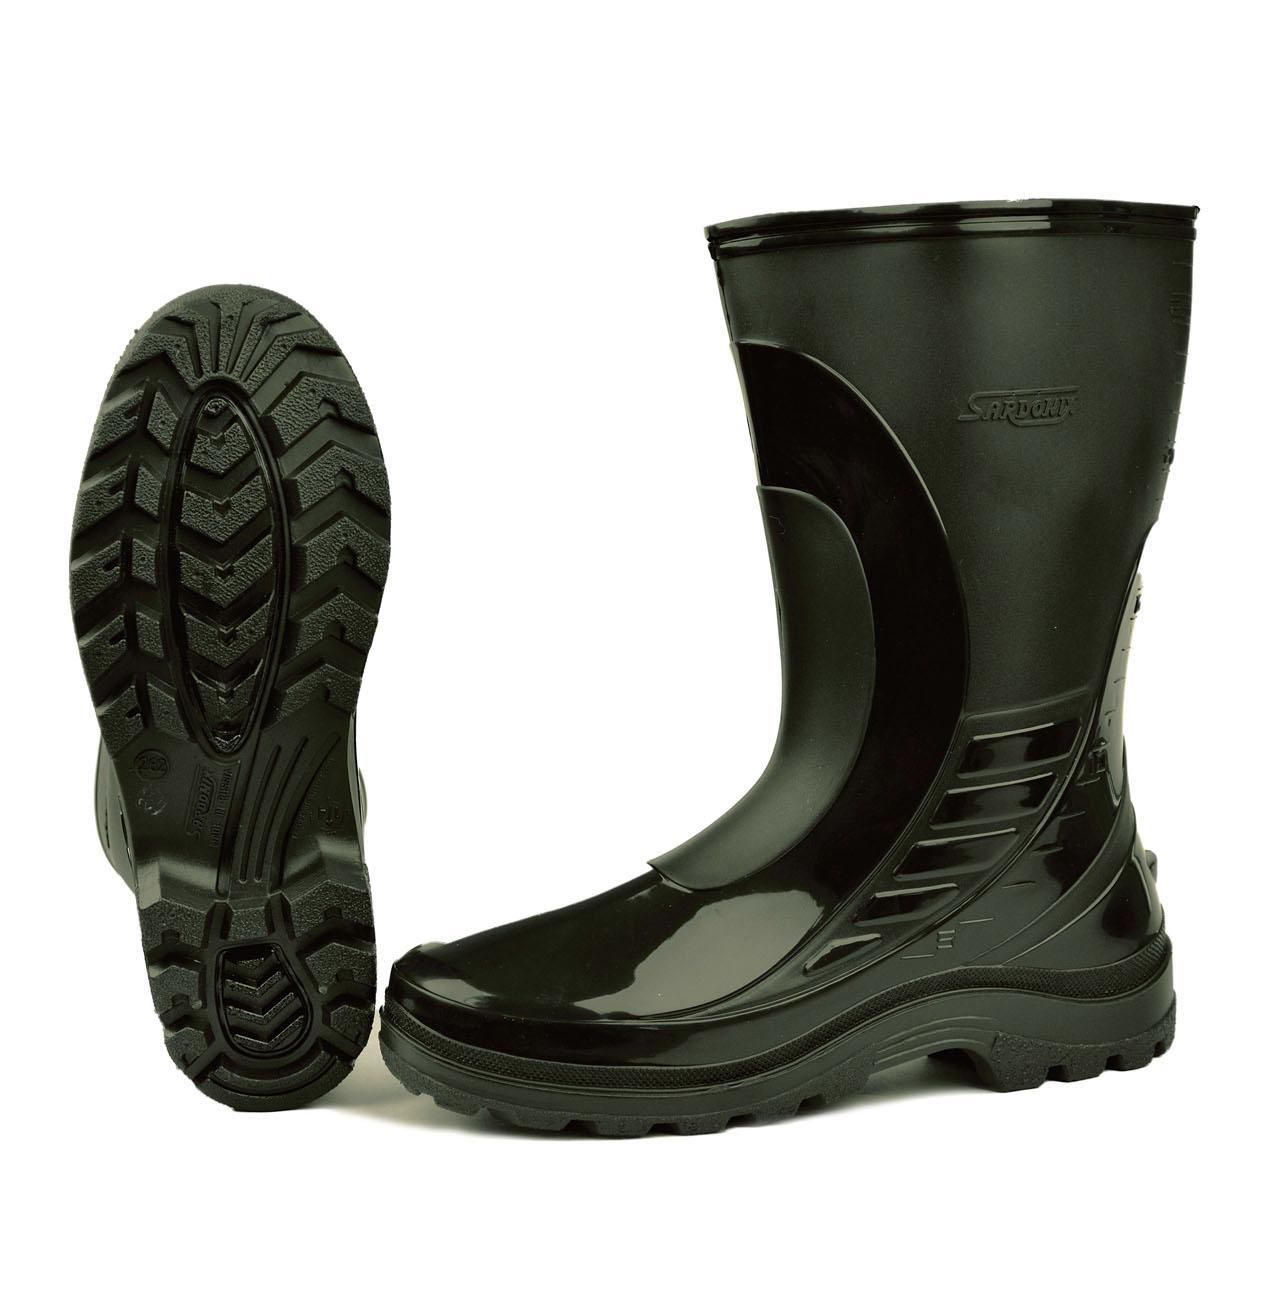 Сапоги ПВХ (SARDONIX) мужские, цвета в ассортименте Сапоги для активного отдыха<br>Современная модель сапога, выполненная <br>методом двухкомпонентного литья, предназначена <br>для защиты ног от влаги и общих загрязнений. <br>Для голенища сапога используется эластичный <br>морозостойкий ПВХ (температура хрупкости <br>материала -30С) и специальный морозостойкий <br>подошвенный ПВХ, позволяющий увеличить <br>изсностойскость и придать комфортность <br>при ходьбе. Высота сапога 30см. Производство <br>SARDONIX.<br><br>Пол: мужской<br>Размер: 42(270)<br>Сезон: лето<br>Цвет: оливковый<br>Материал: Поливинилхлорид (ПВХ)морозостойкий(-30С)